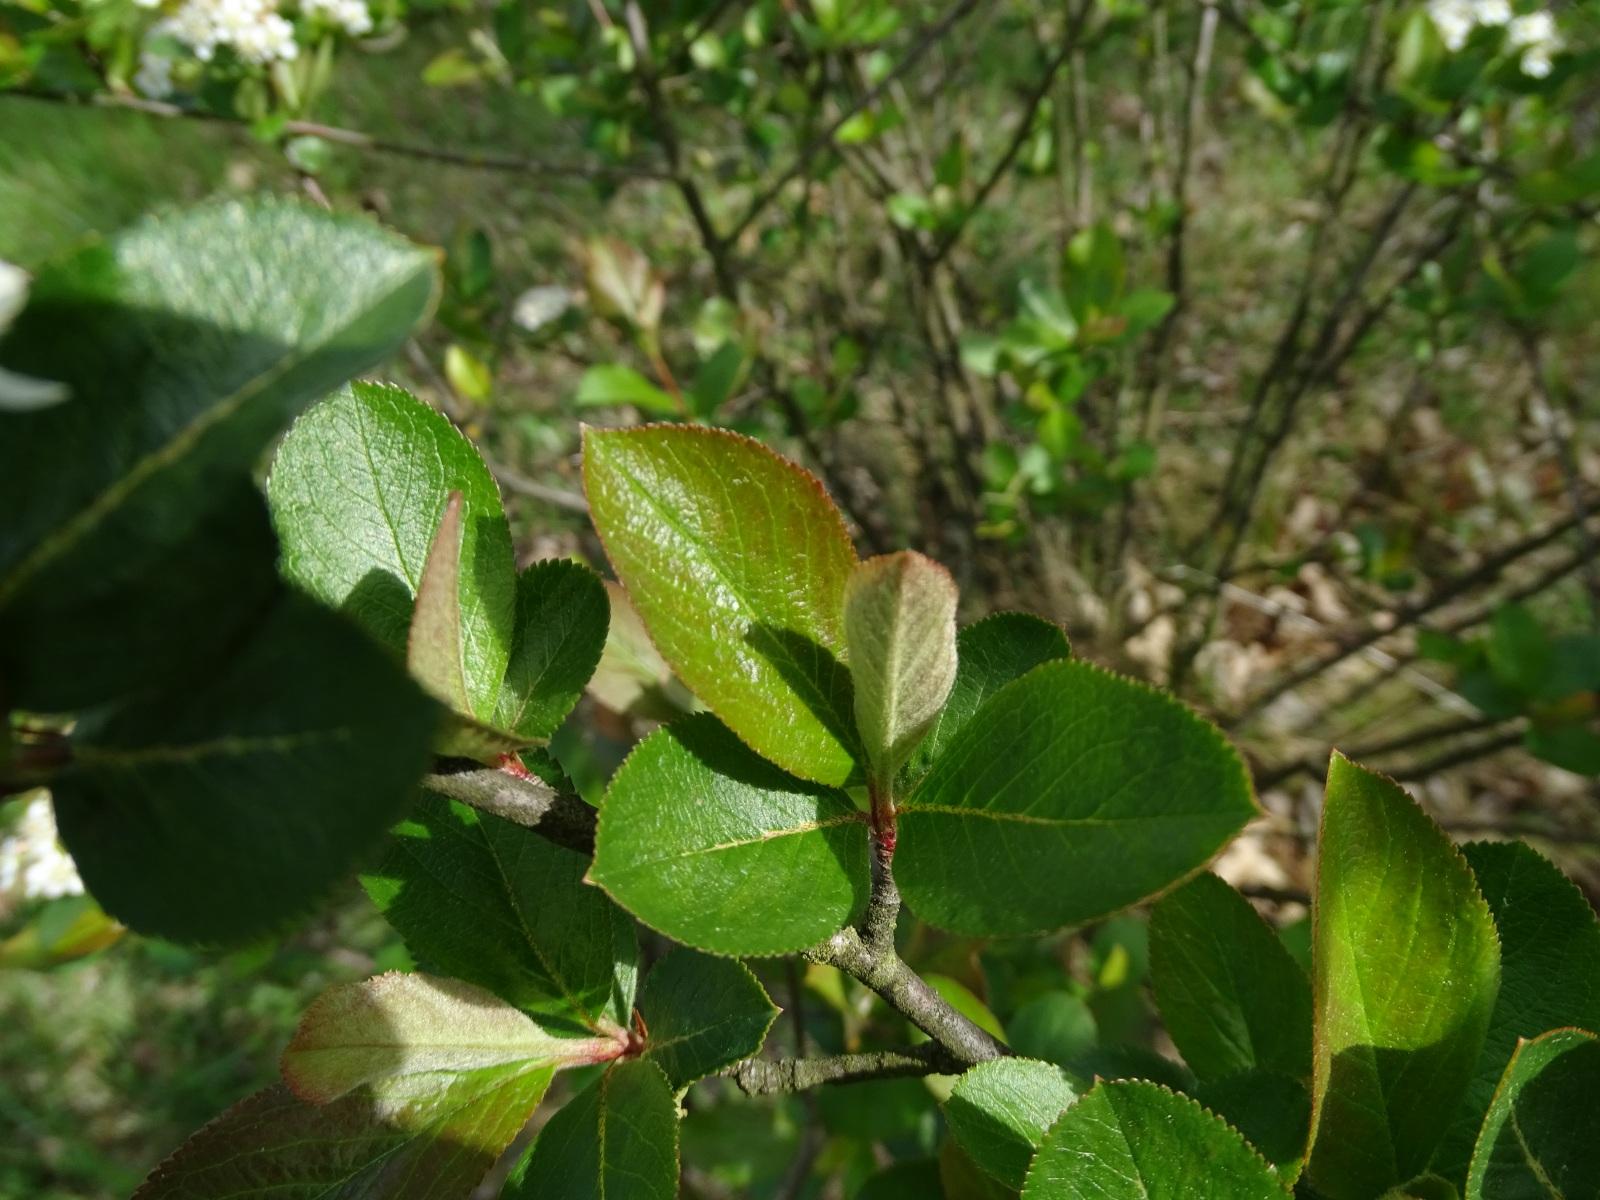 Aronia czarna, liście, 21.05.2020 r.